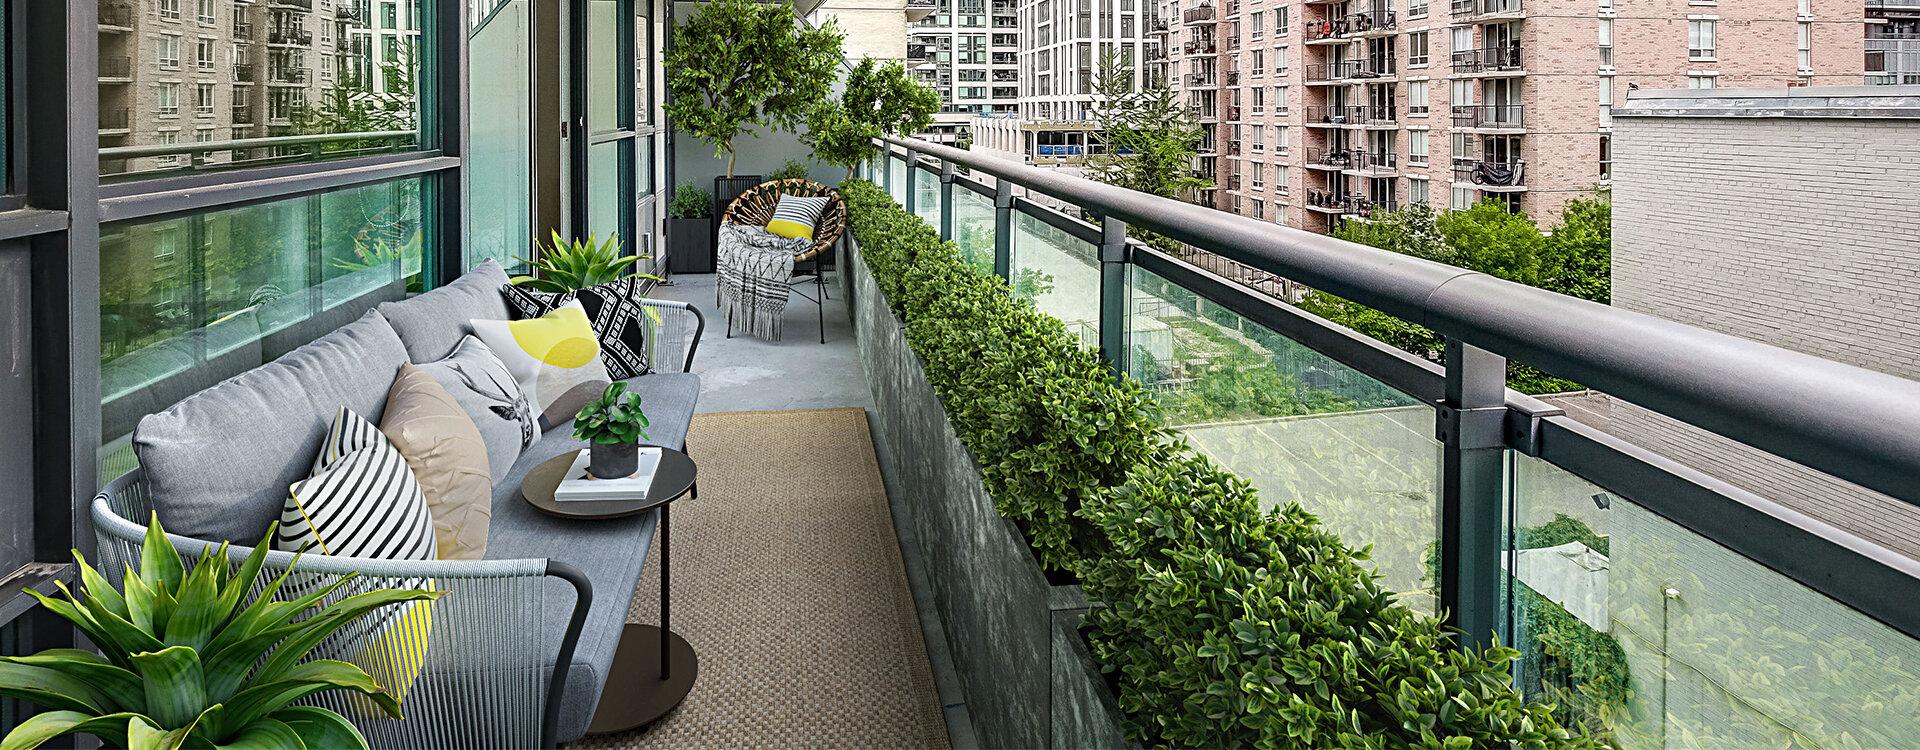 Scandinavian balcony at Minto Apartments Roehampton Ave